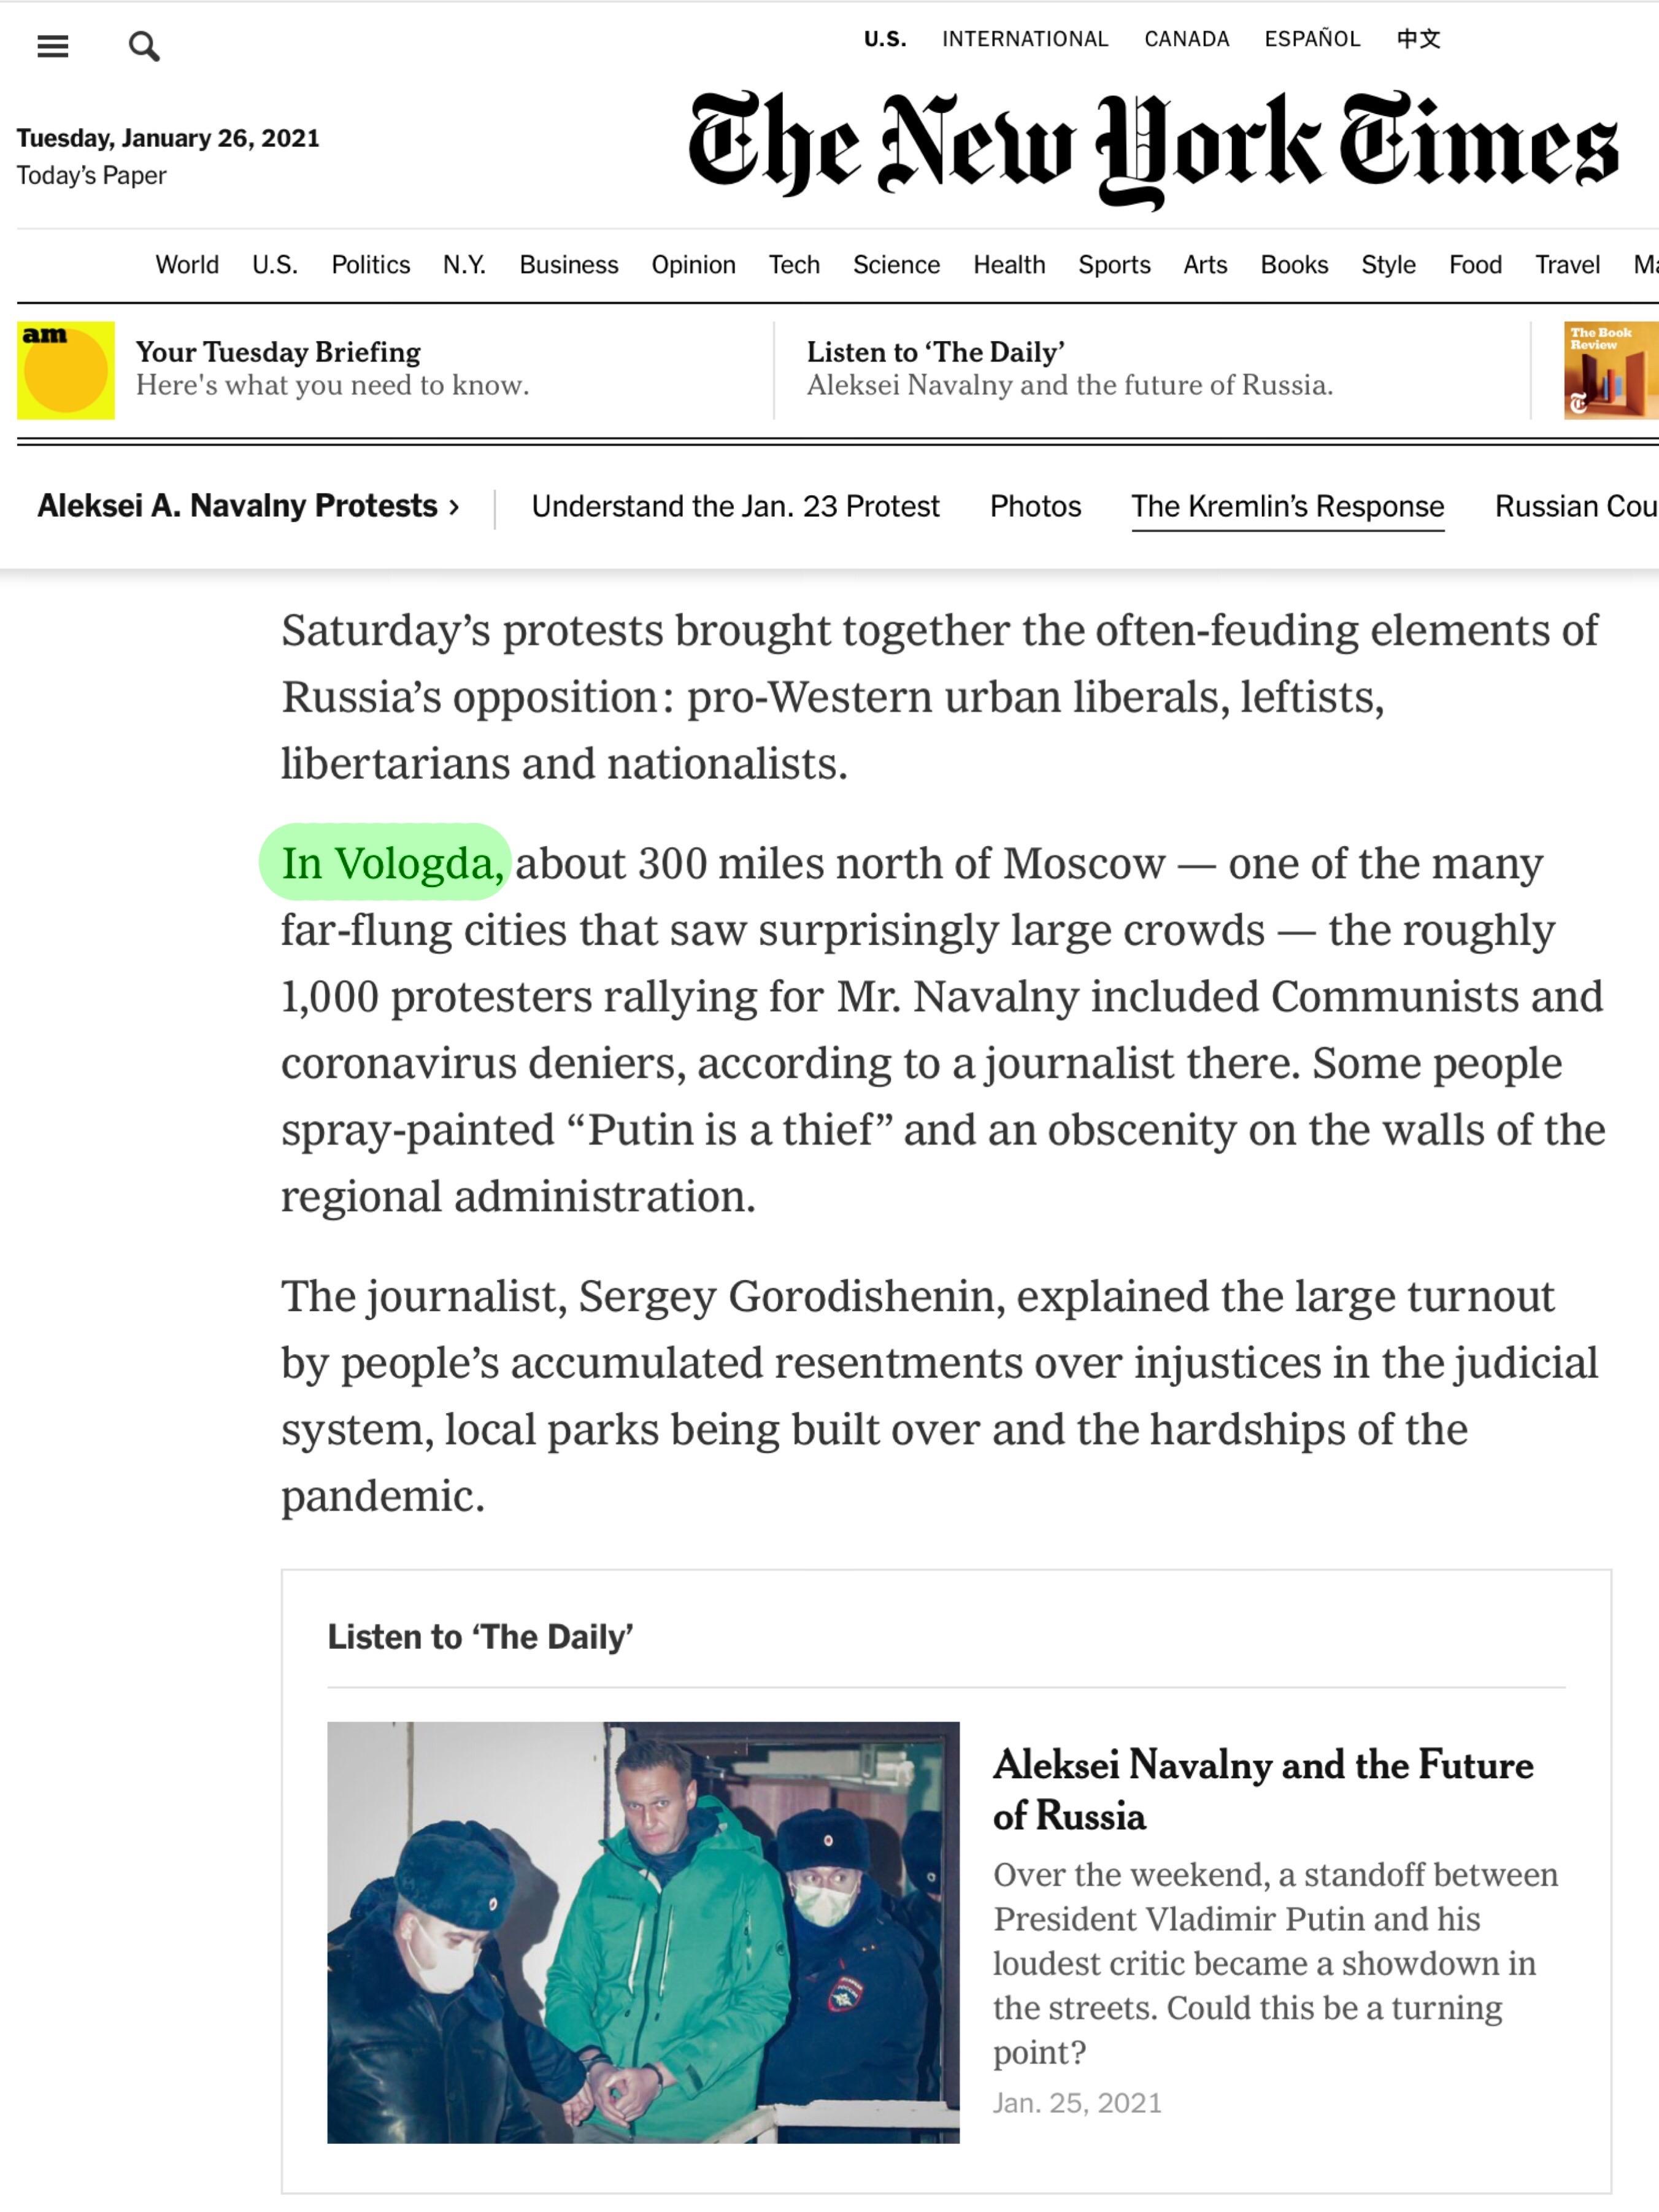 Нью Йорк Таймс о протестах 23 января в Вологде.JPG